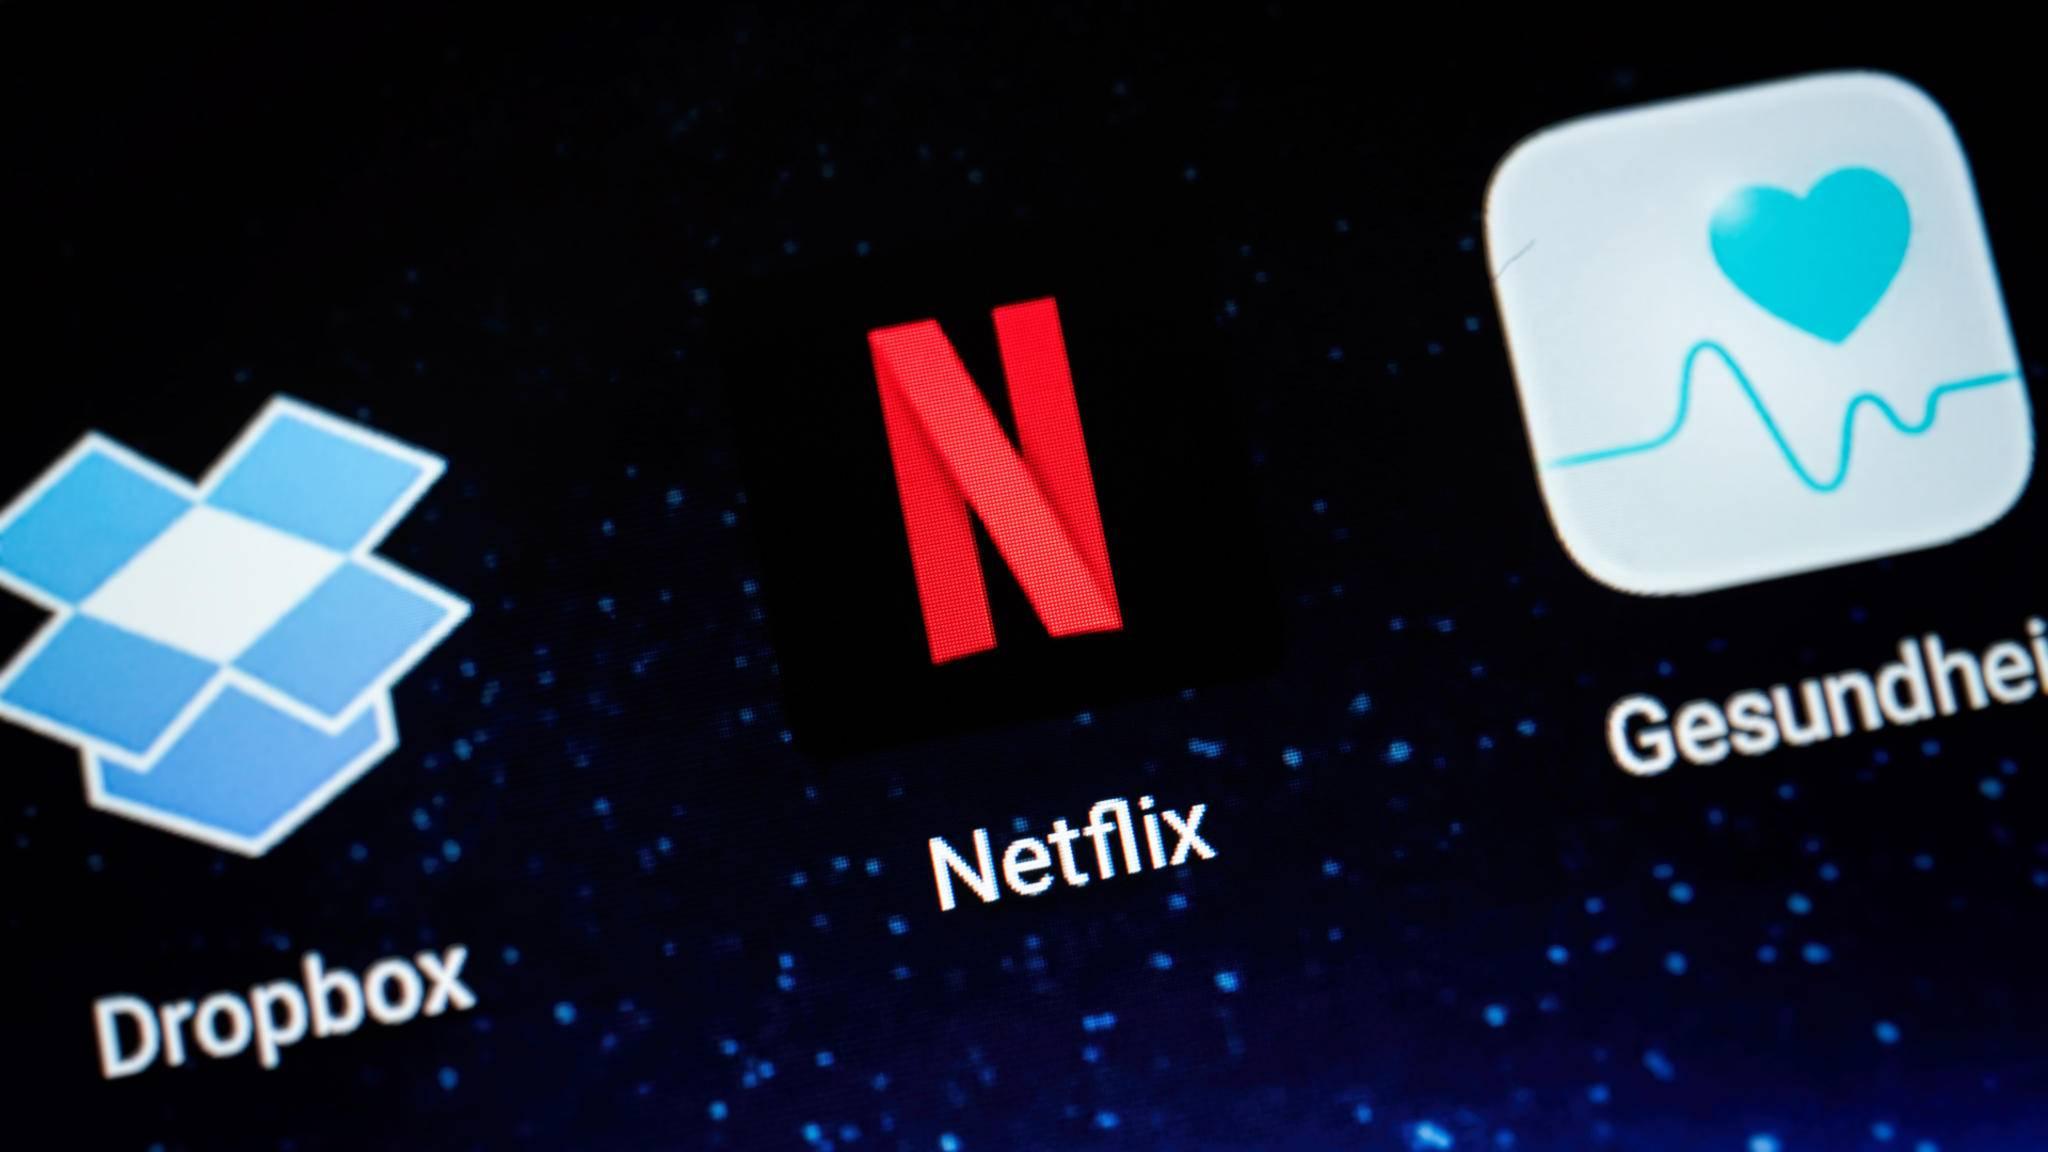 Netflix unterstützt in Zukunft auf mehr Smartphones HDR-Inhalte.